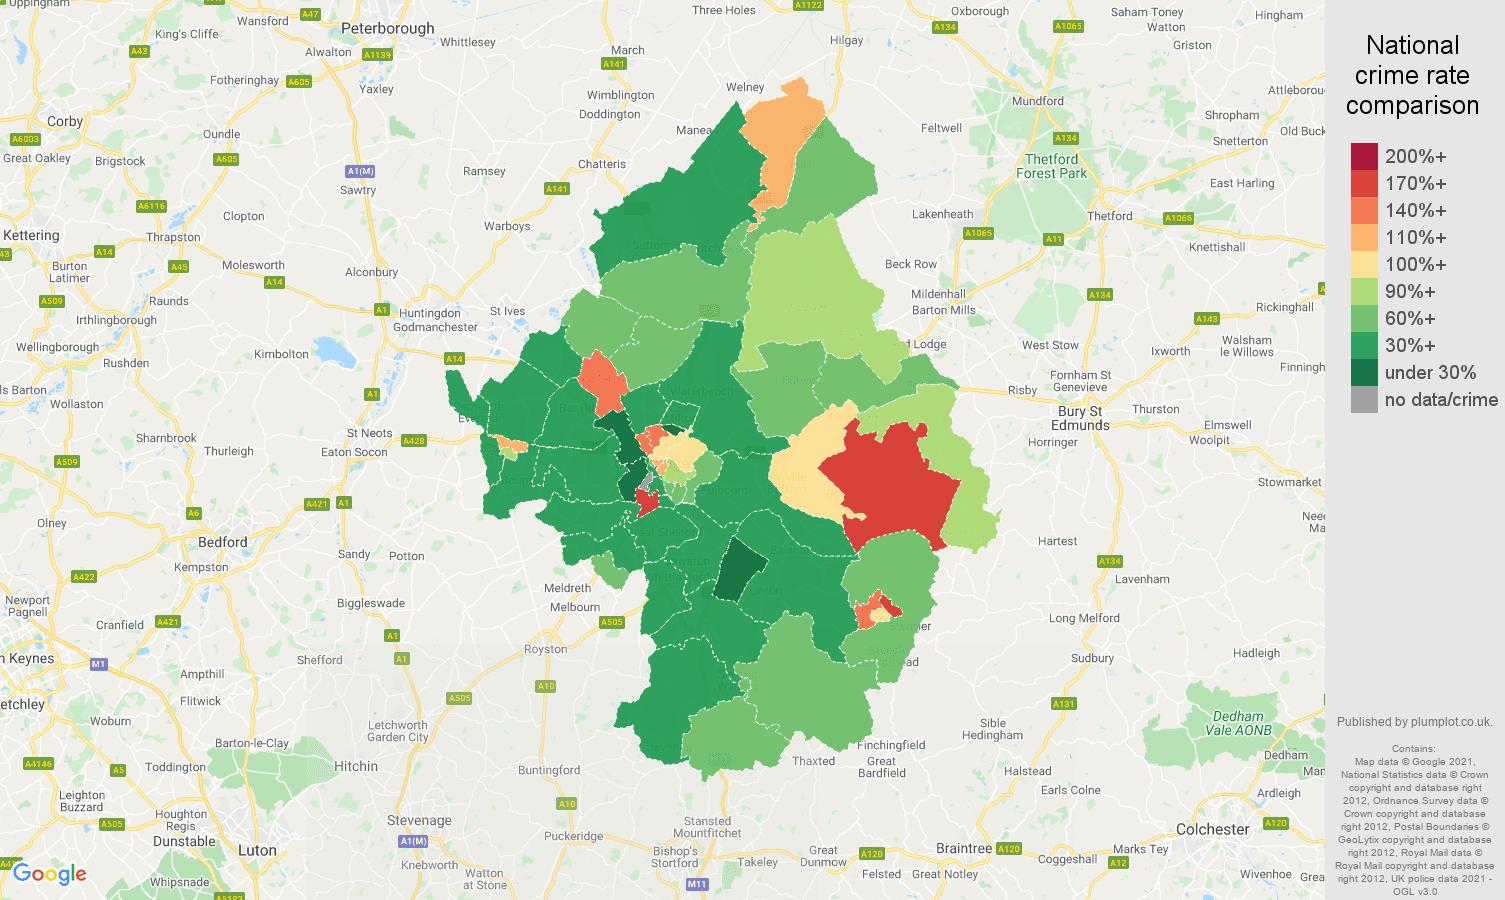 Cambridge violent crime rate comparison map